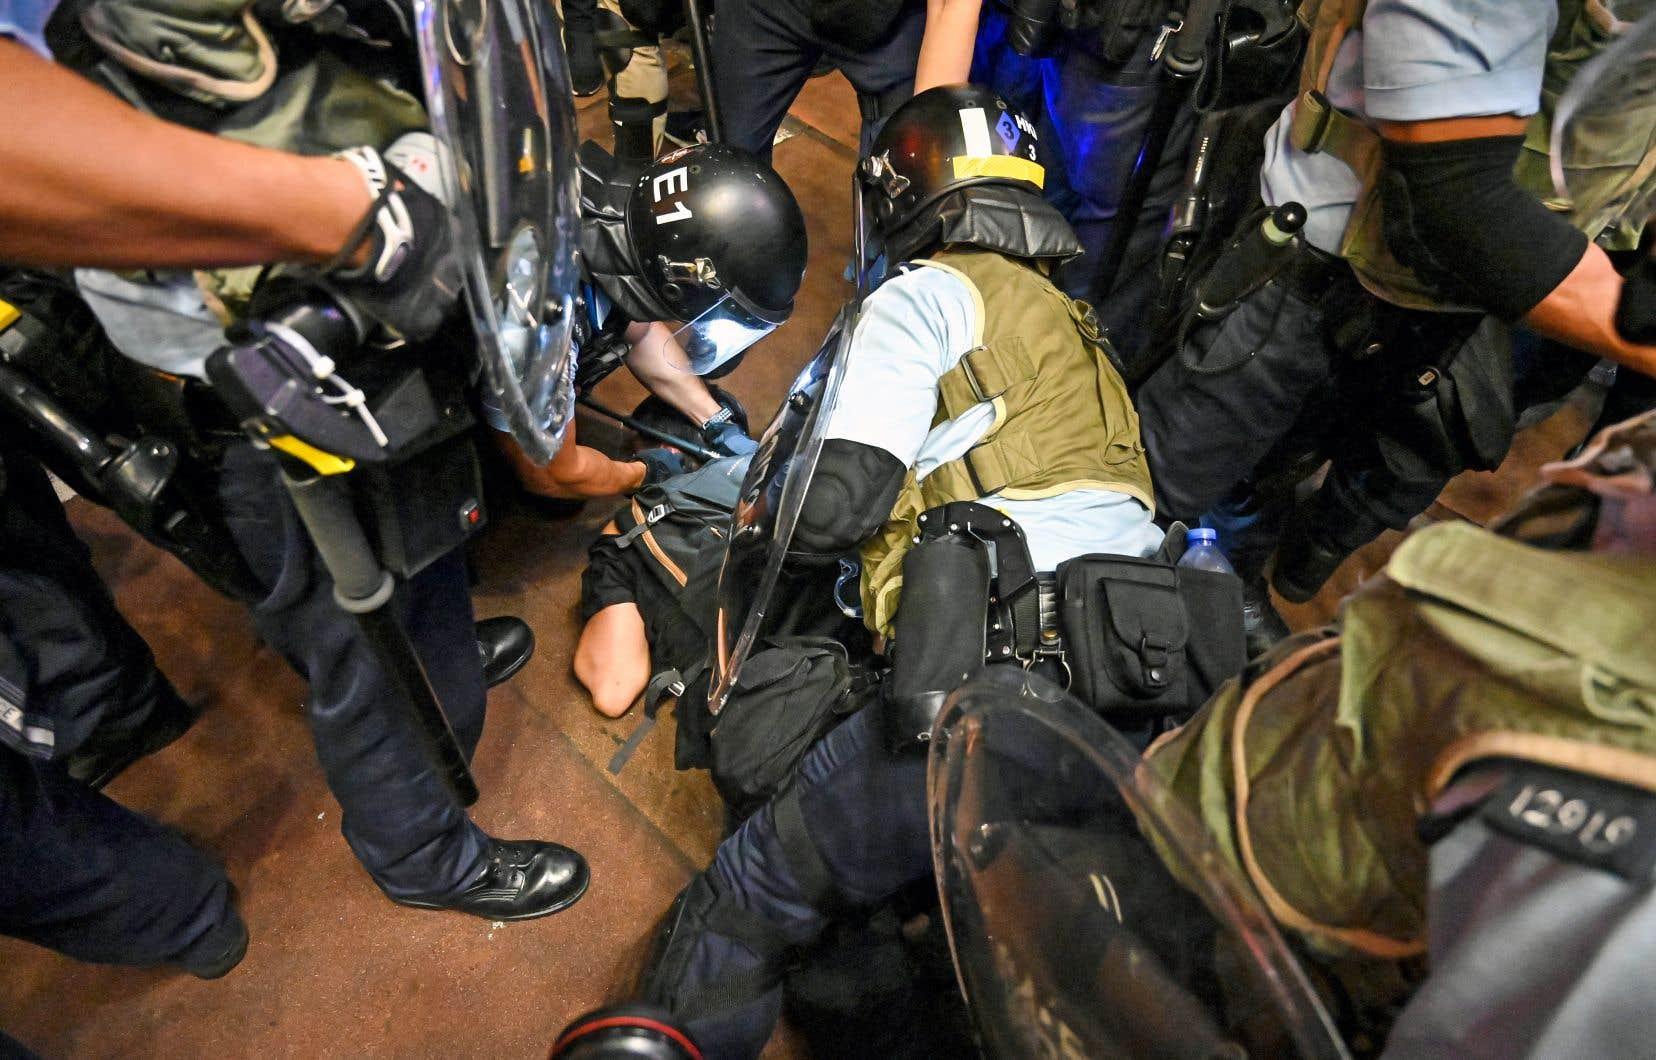 Alors que le rassemblement s'était déroulé sans incident, la police antiémeute a chargé en fin de soirée des protestataires.